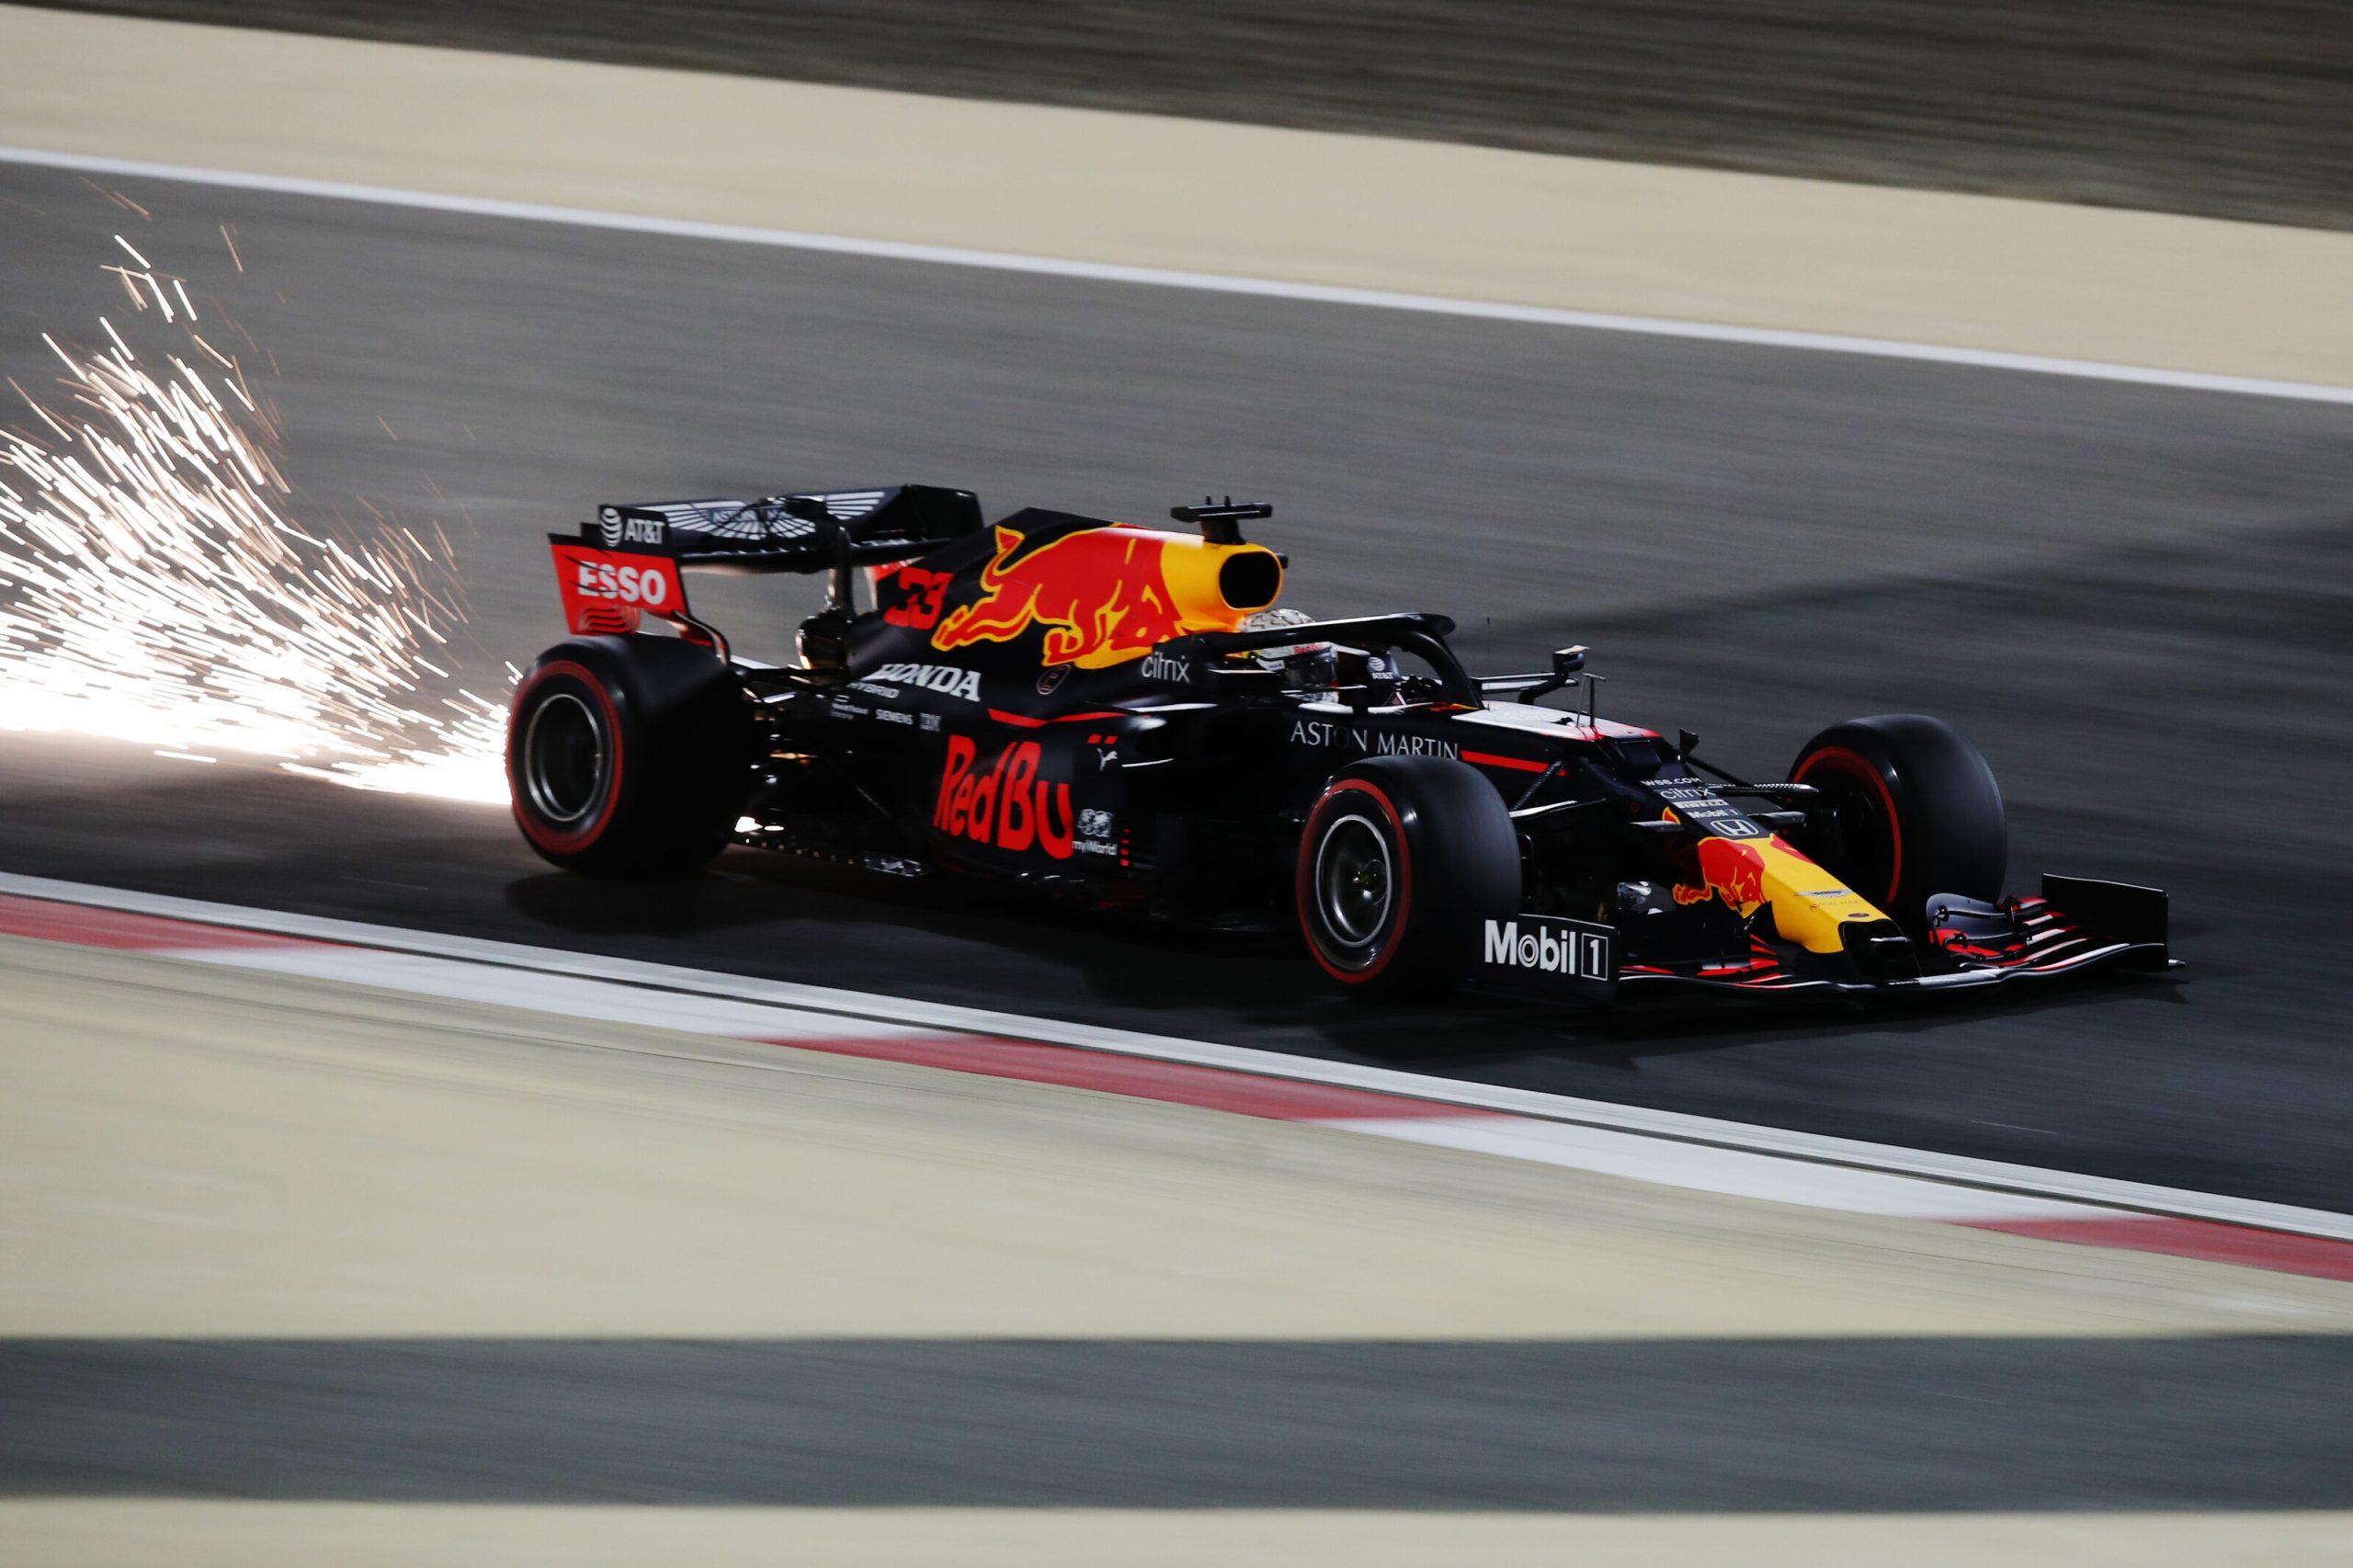 Kwalificatie van de GP van Sakhir 2020